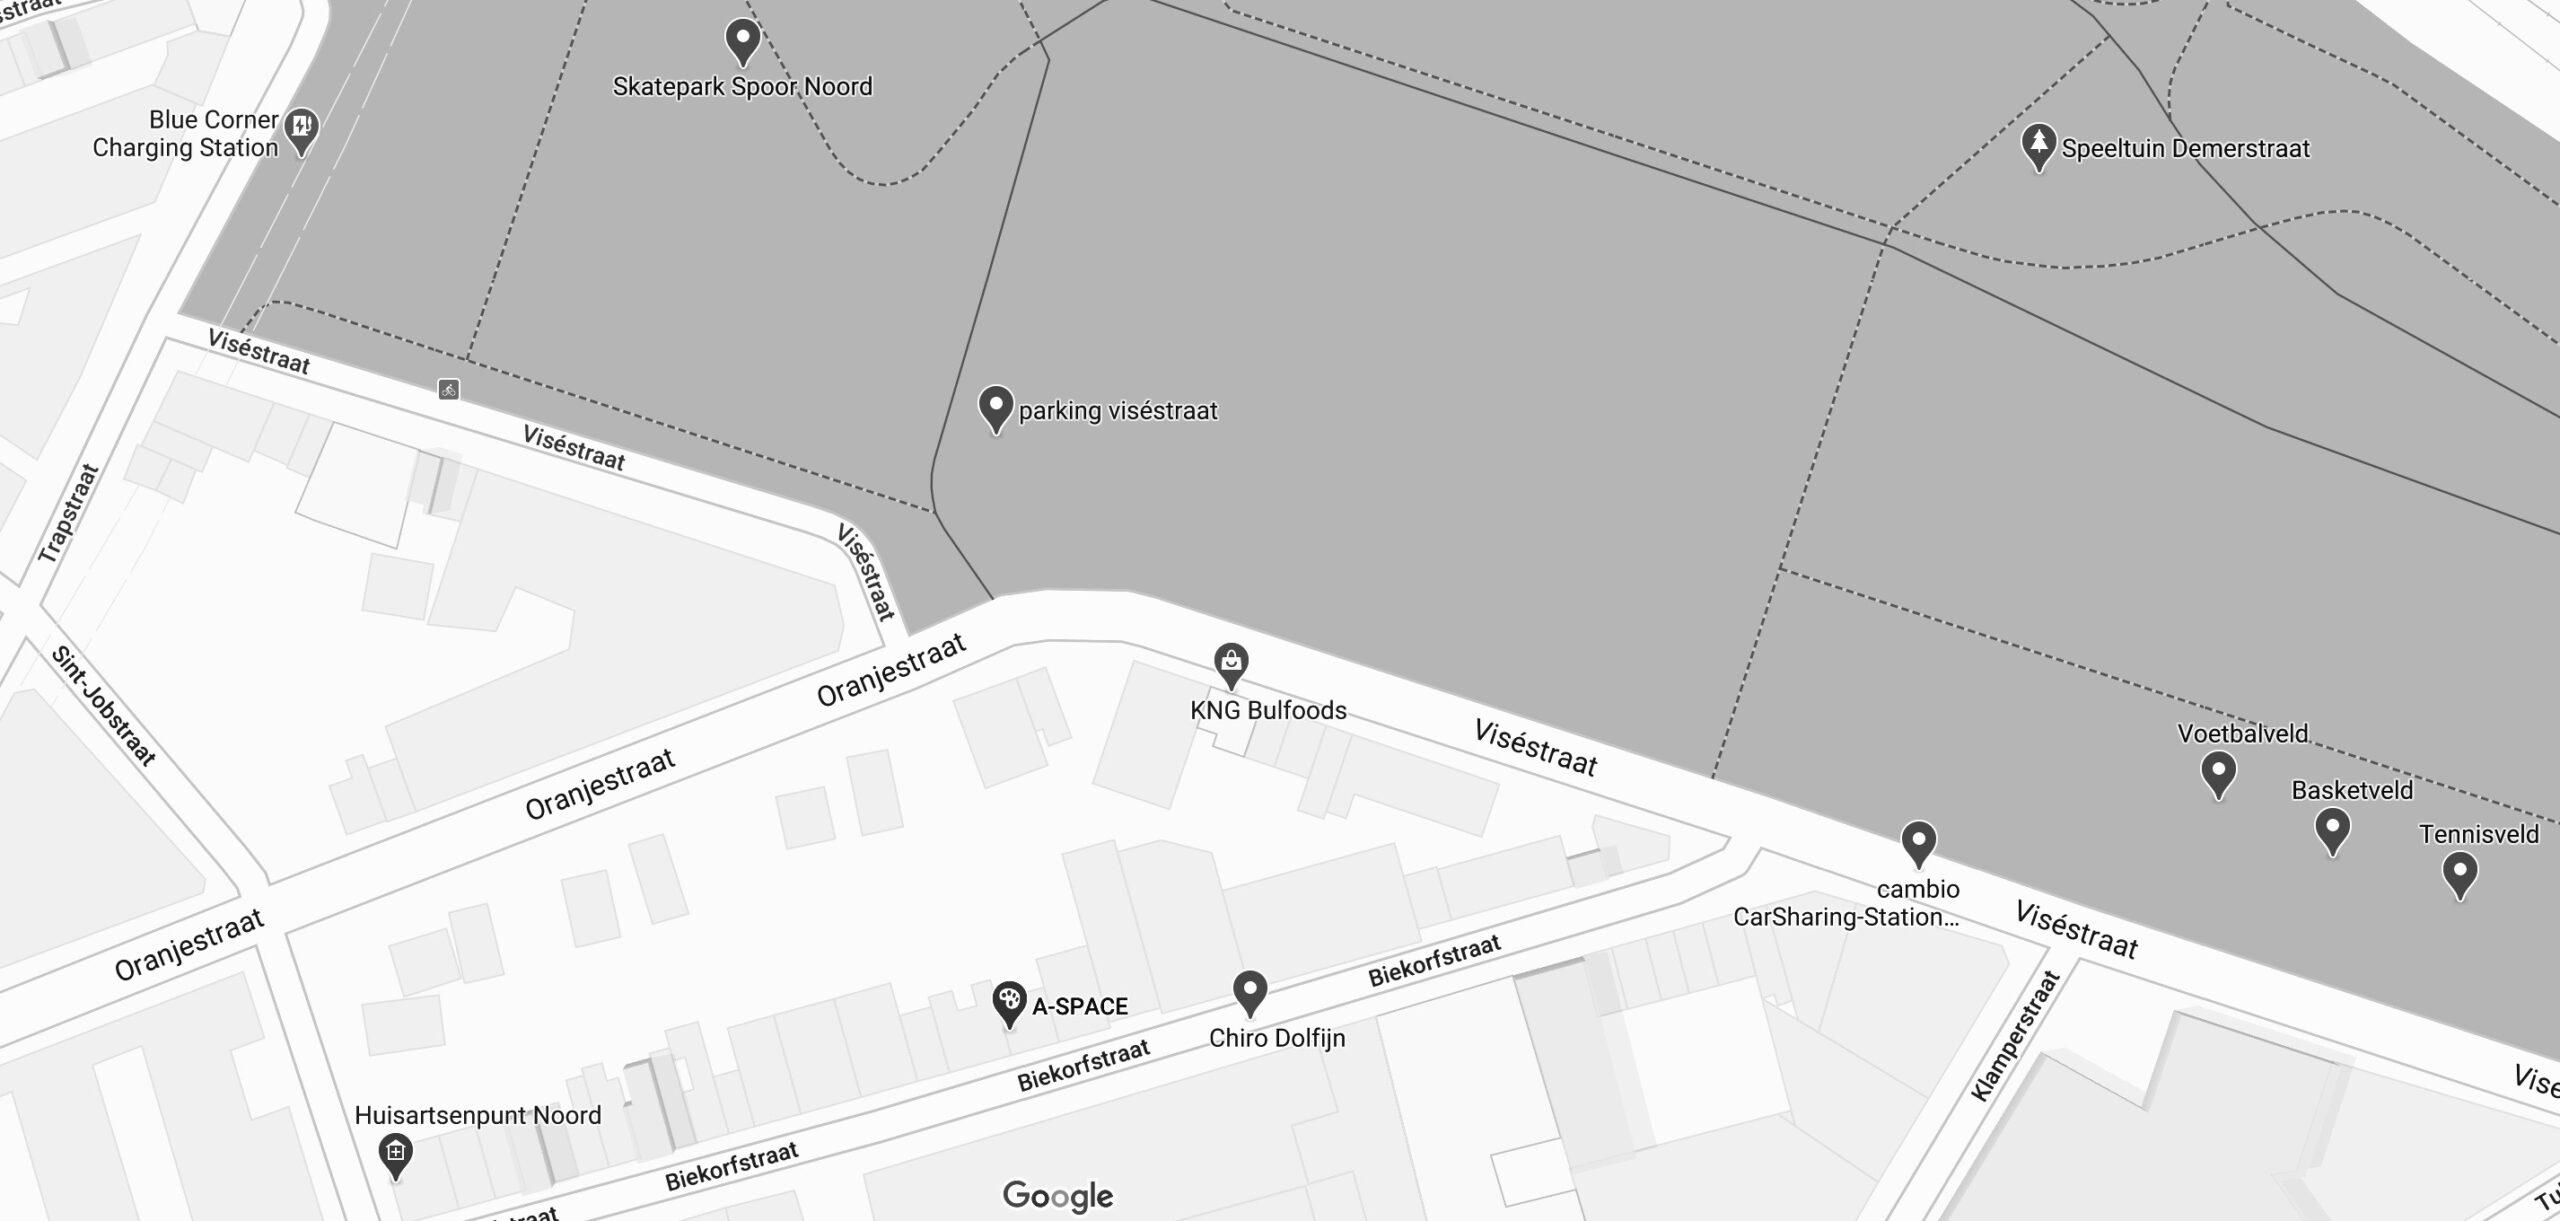 CONTACT Je vind ons in Antwerpen-Noord. A: Biekorfstraat 55, 2060 Antwerp, Belgium Voor alle vragen. E: info@a-space.be M: 32 (0)476 50 33 24